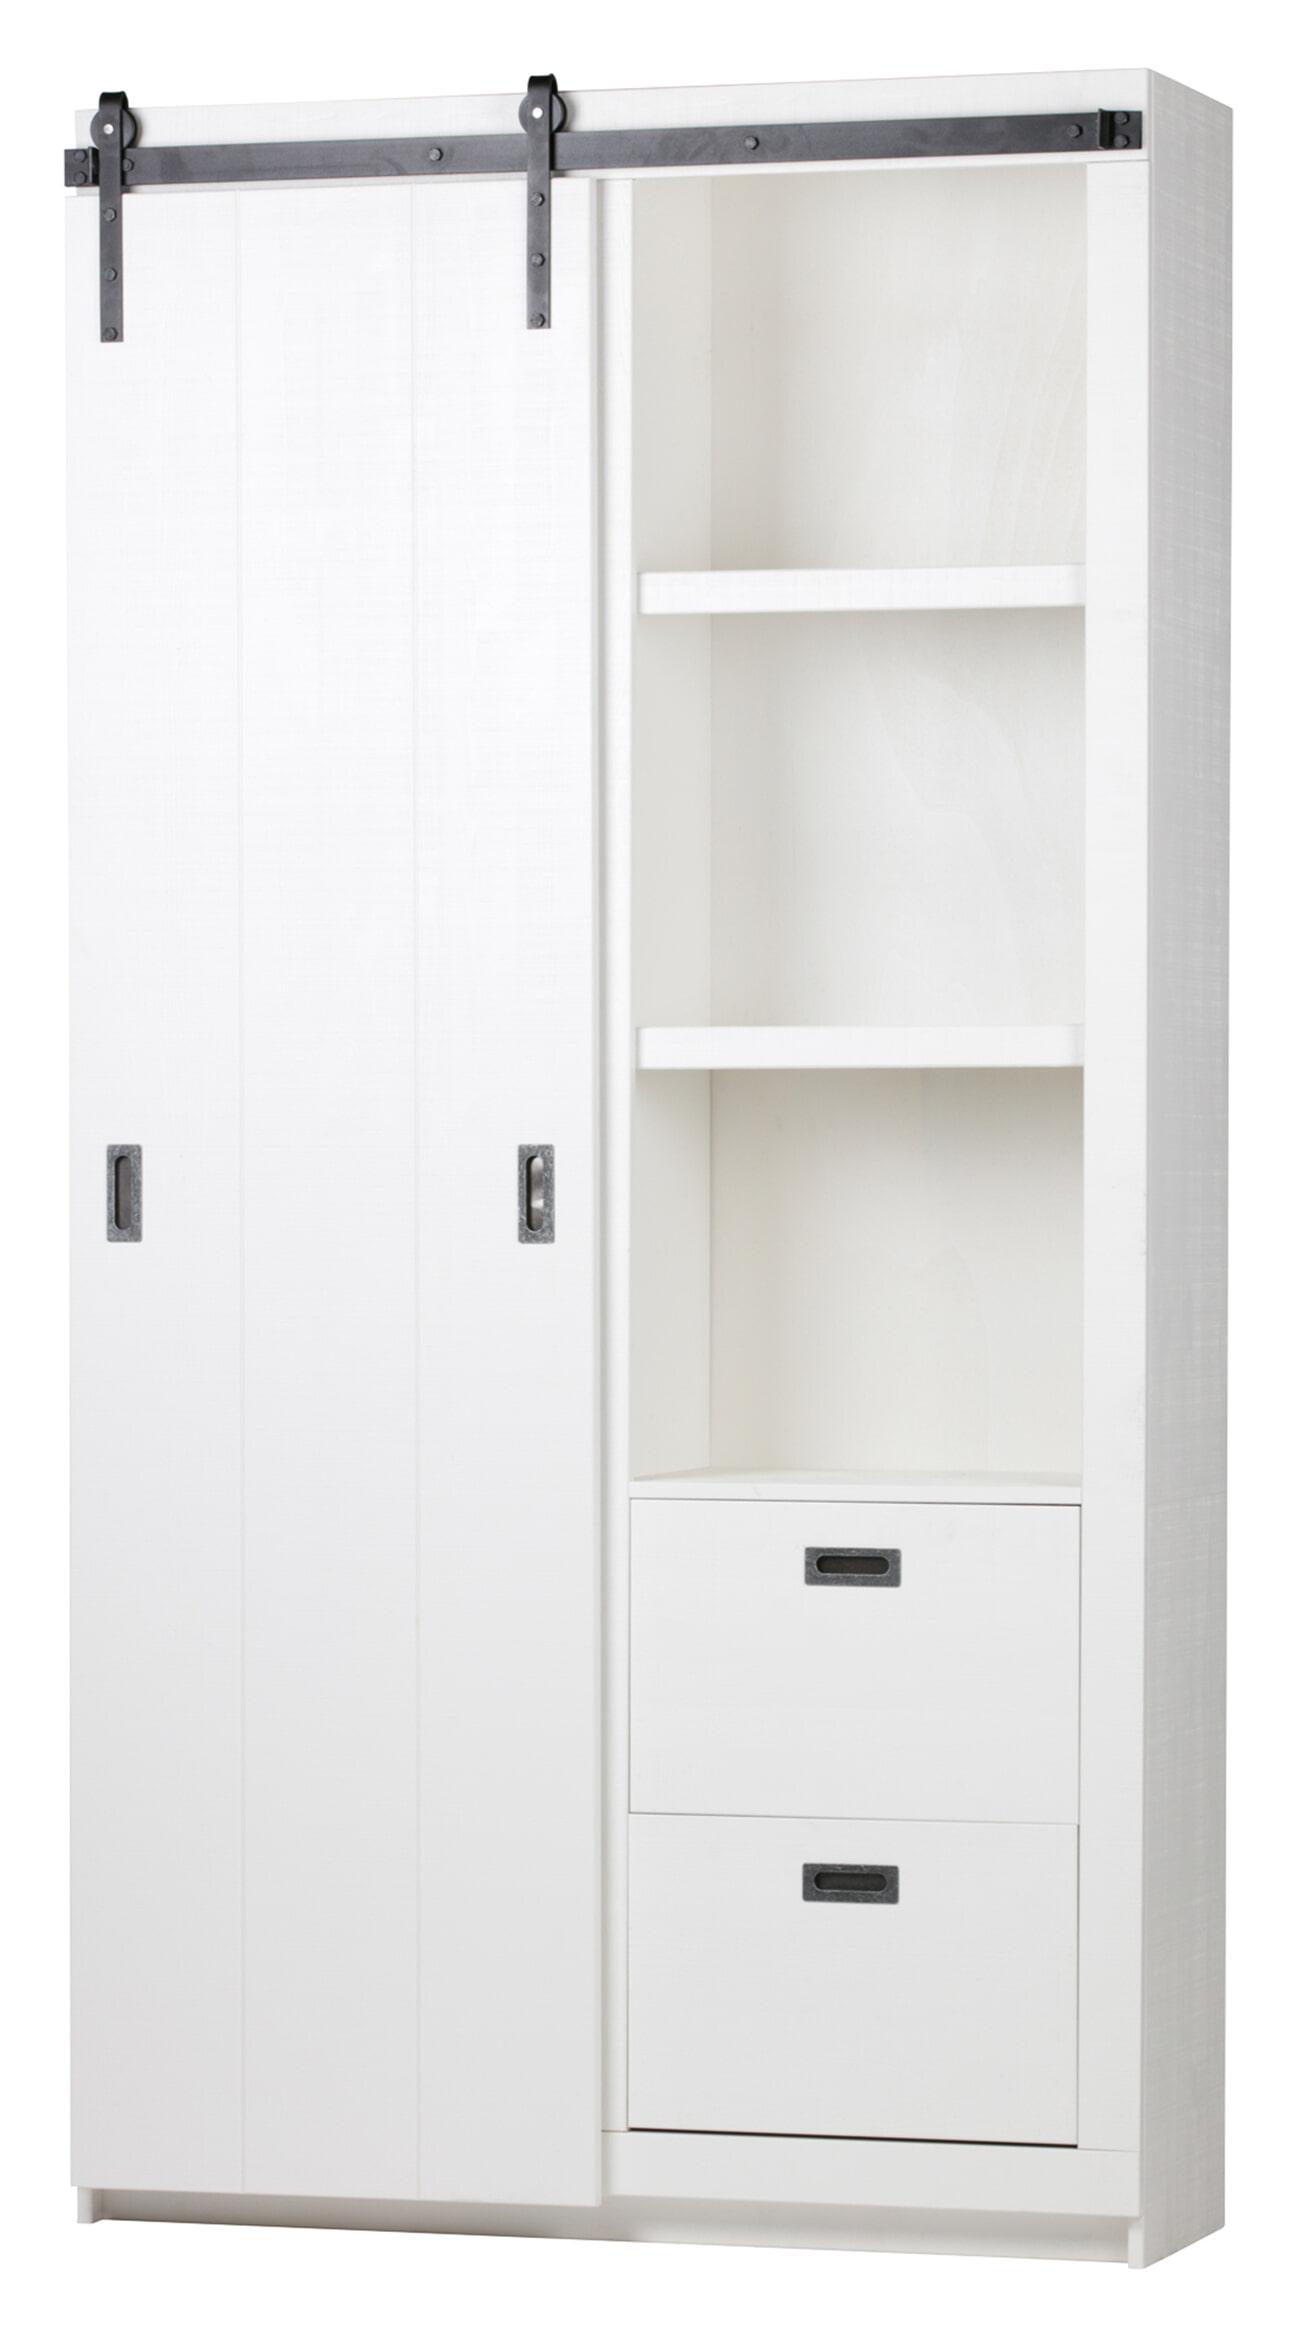 vtwonen Opbergkast 'Slide', kleur Wit